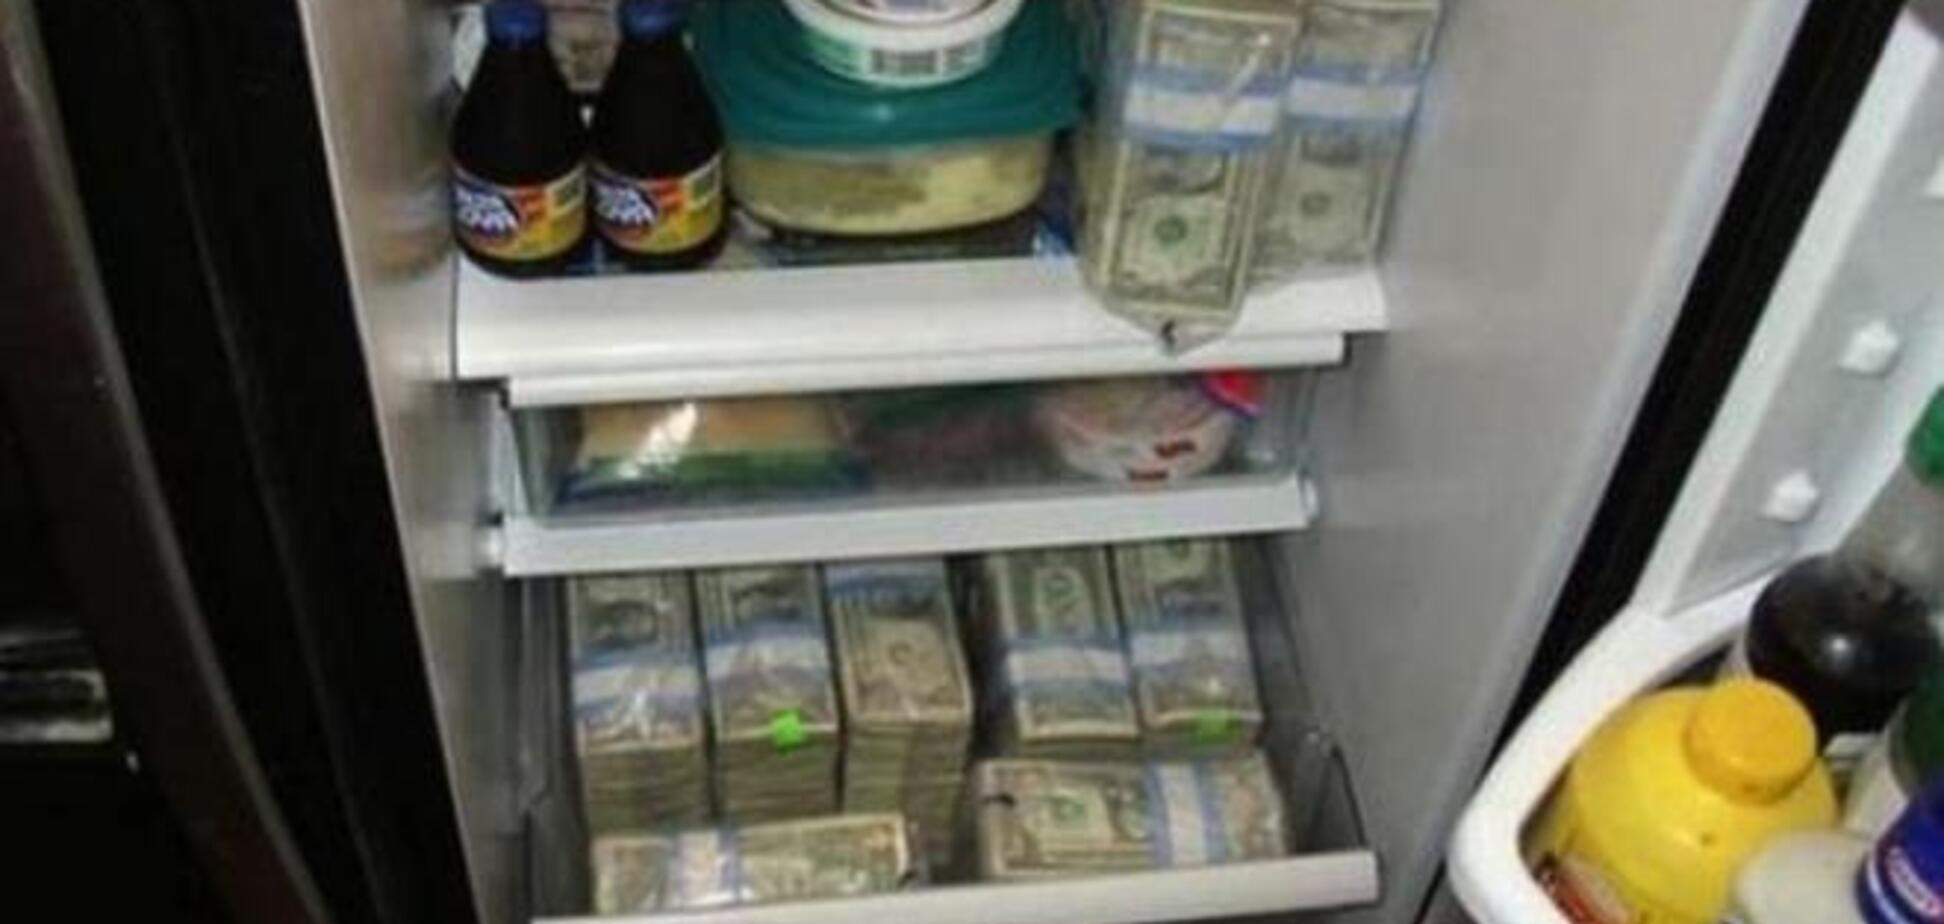 Из Крыма в холодильнике пытались провезти в материковую Украину более 4 млн грн и $50 тыс.